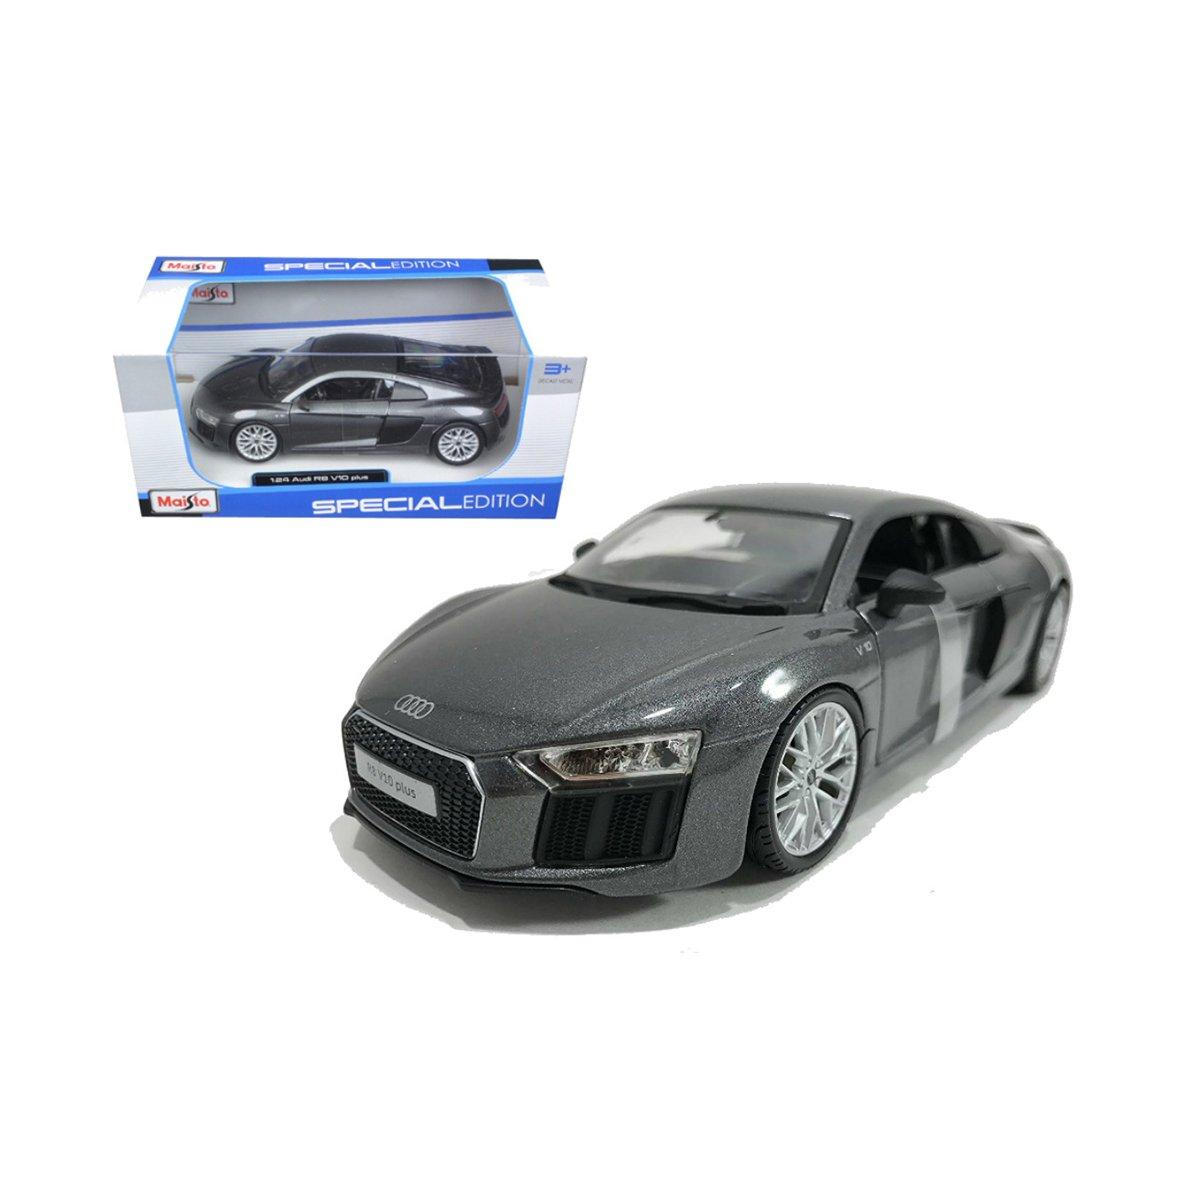 Masinuta Maisto Audi R8 V10 Plus, 1:24, Gri